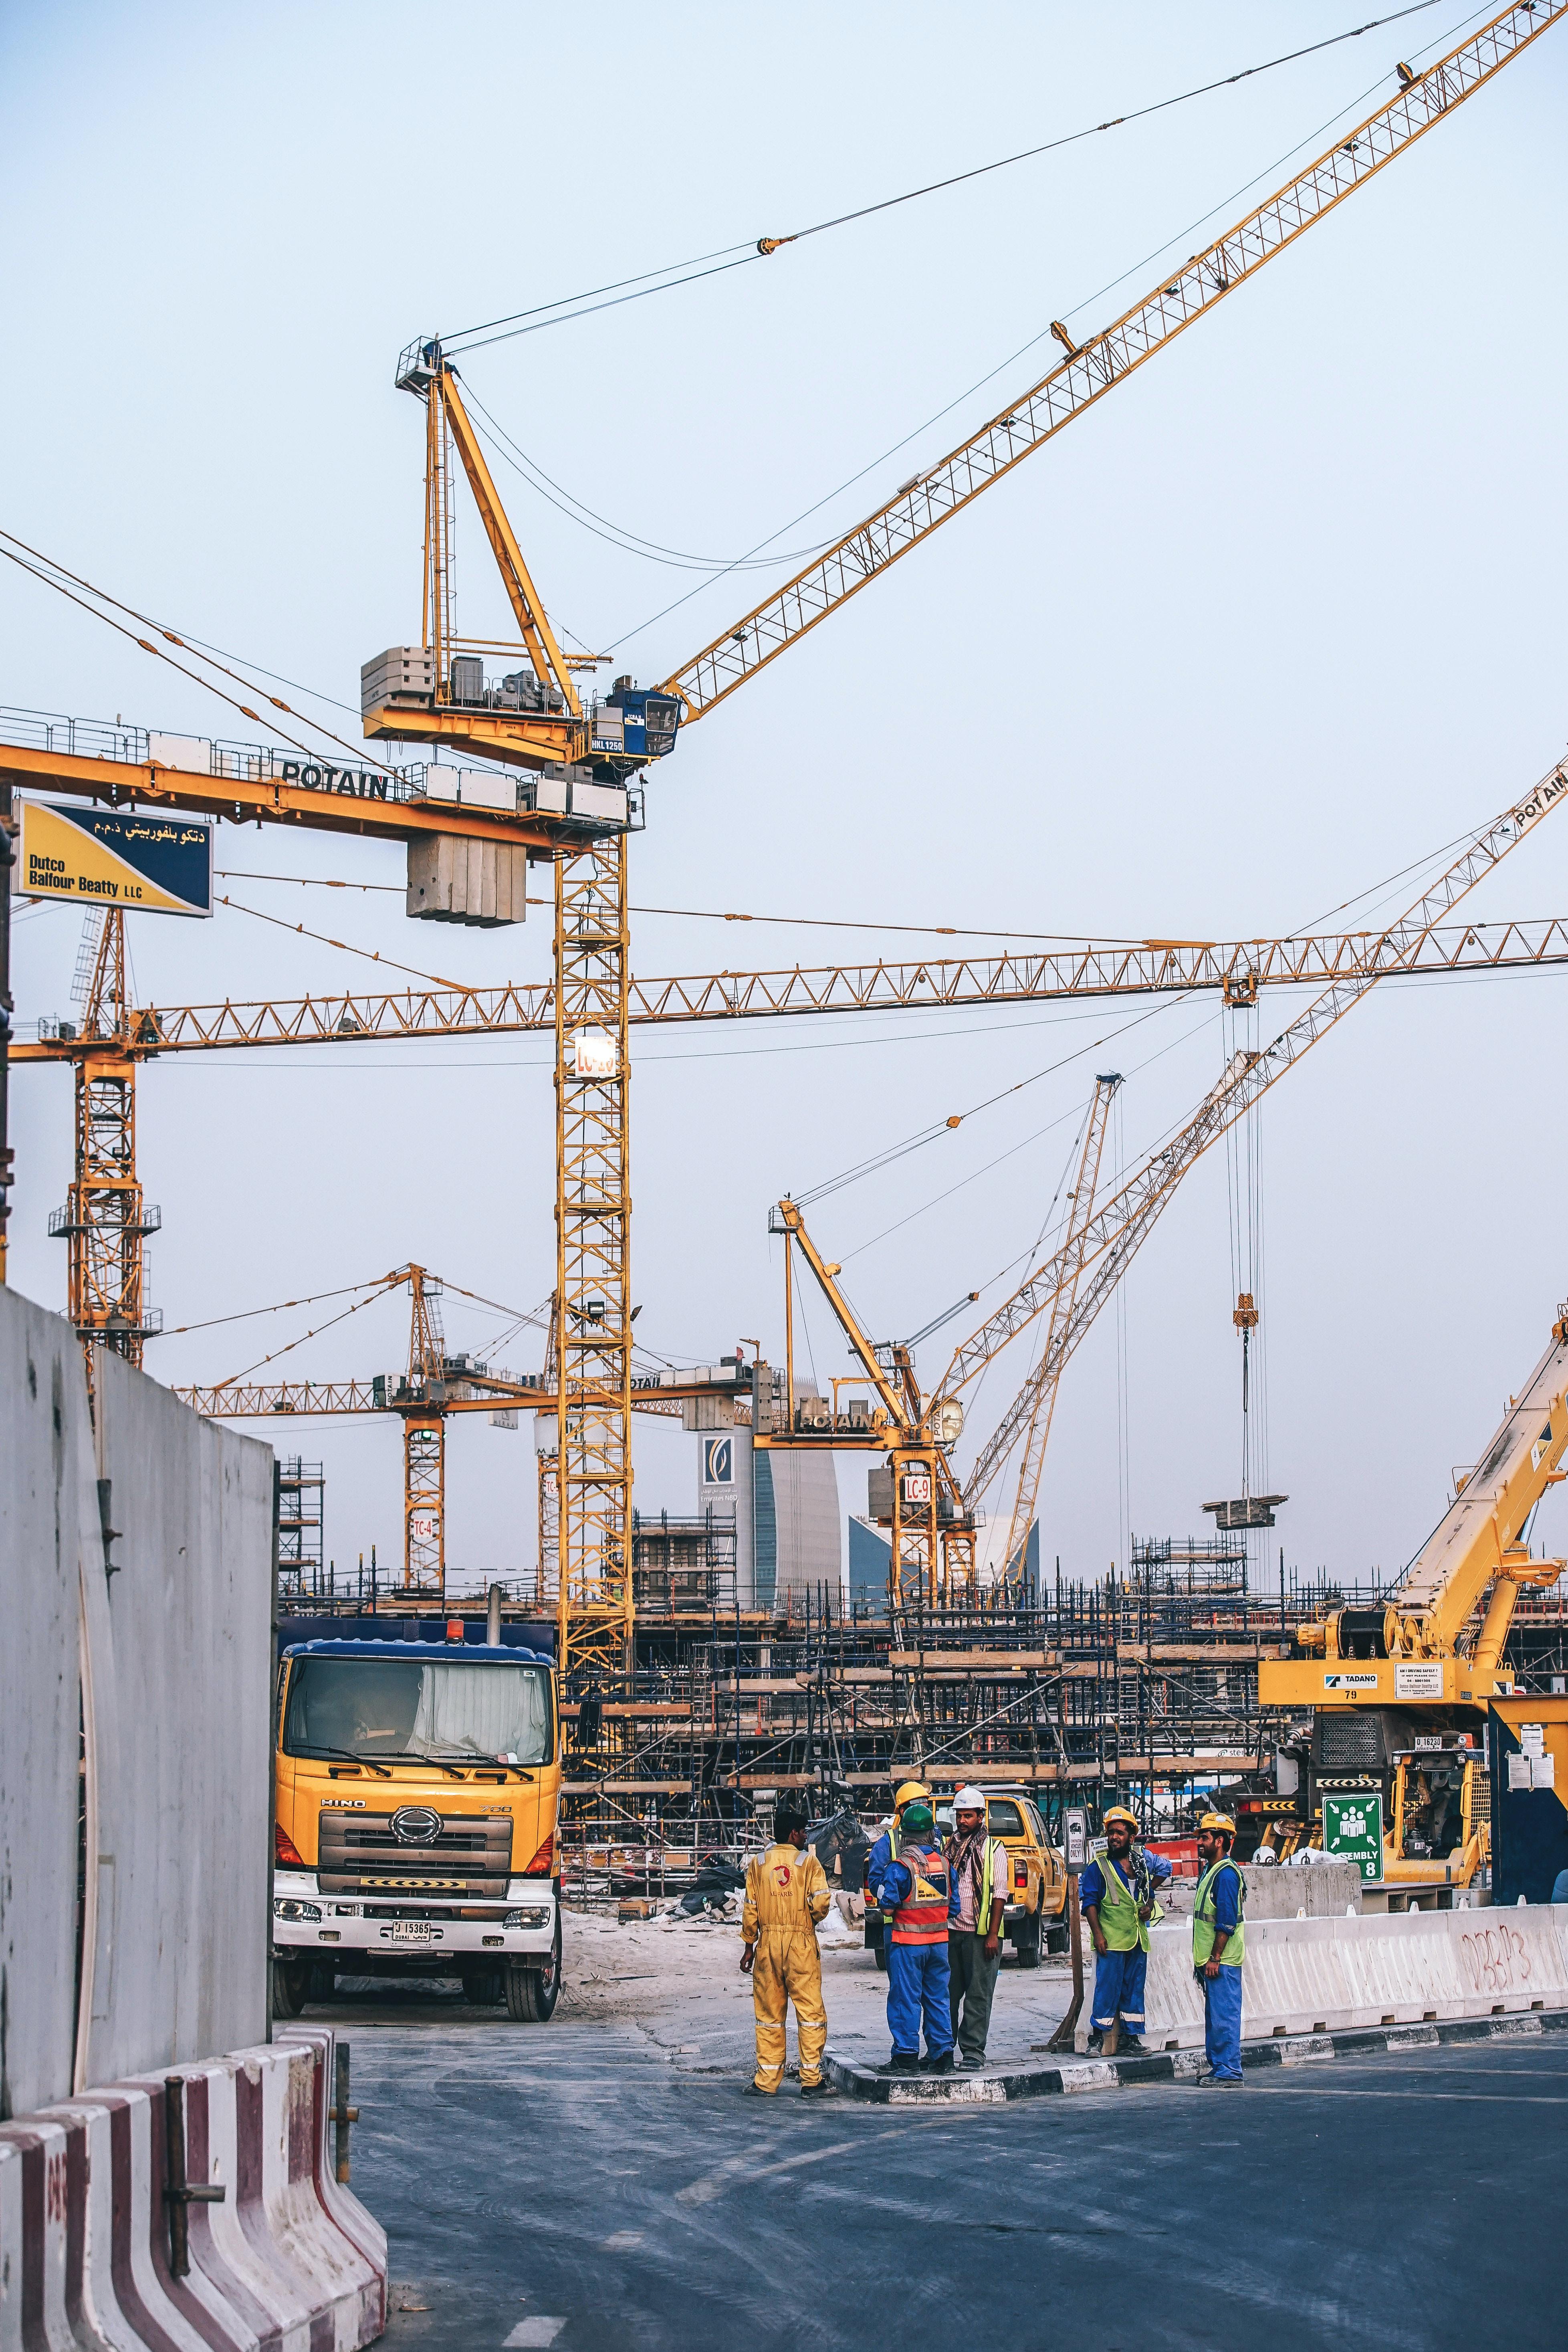 people standing under yellow metal cranes